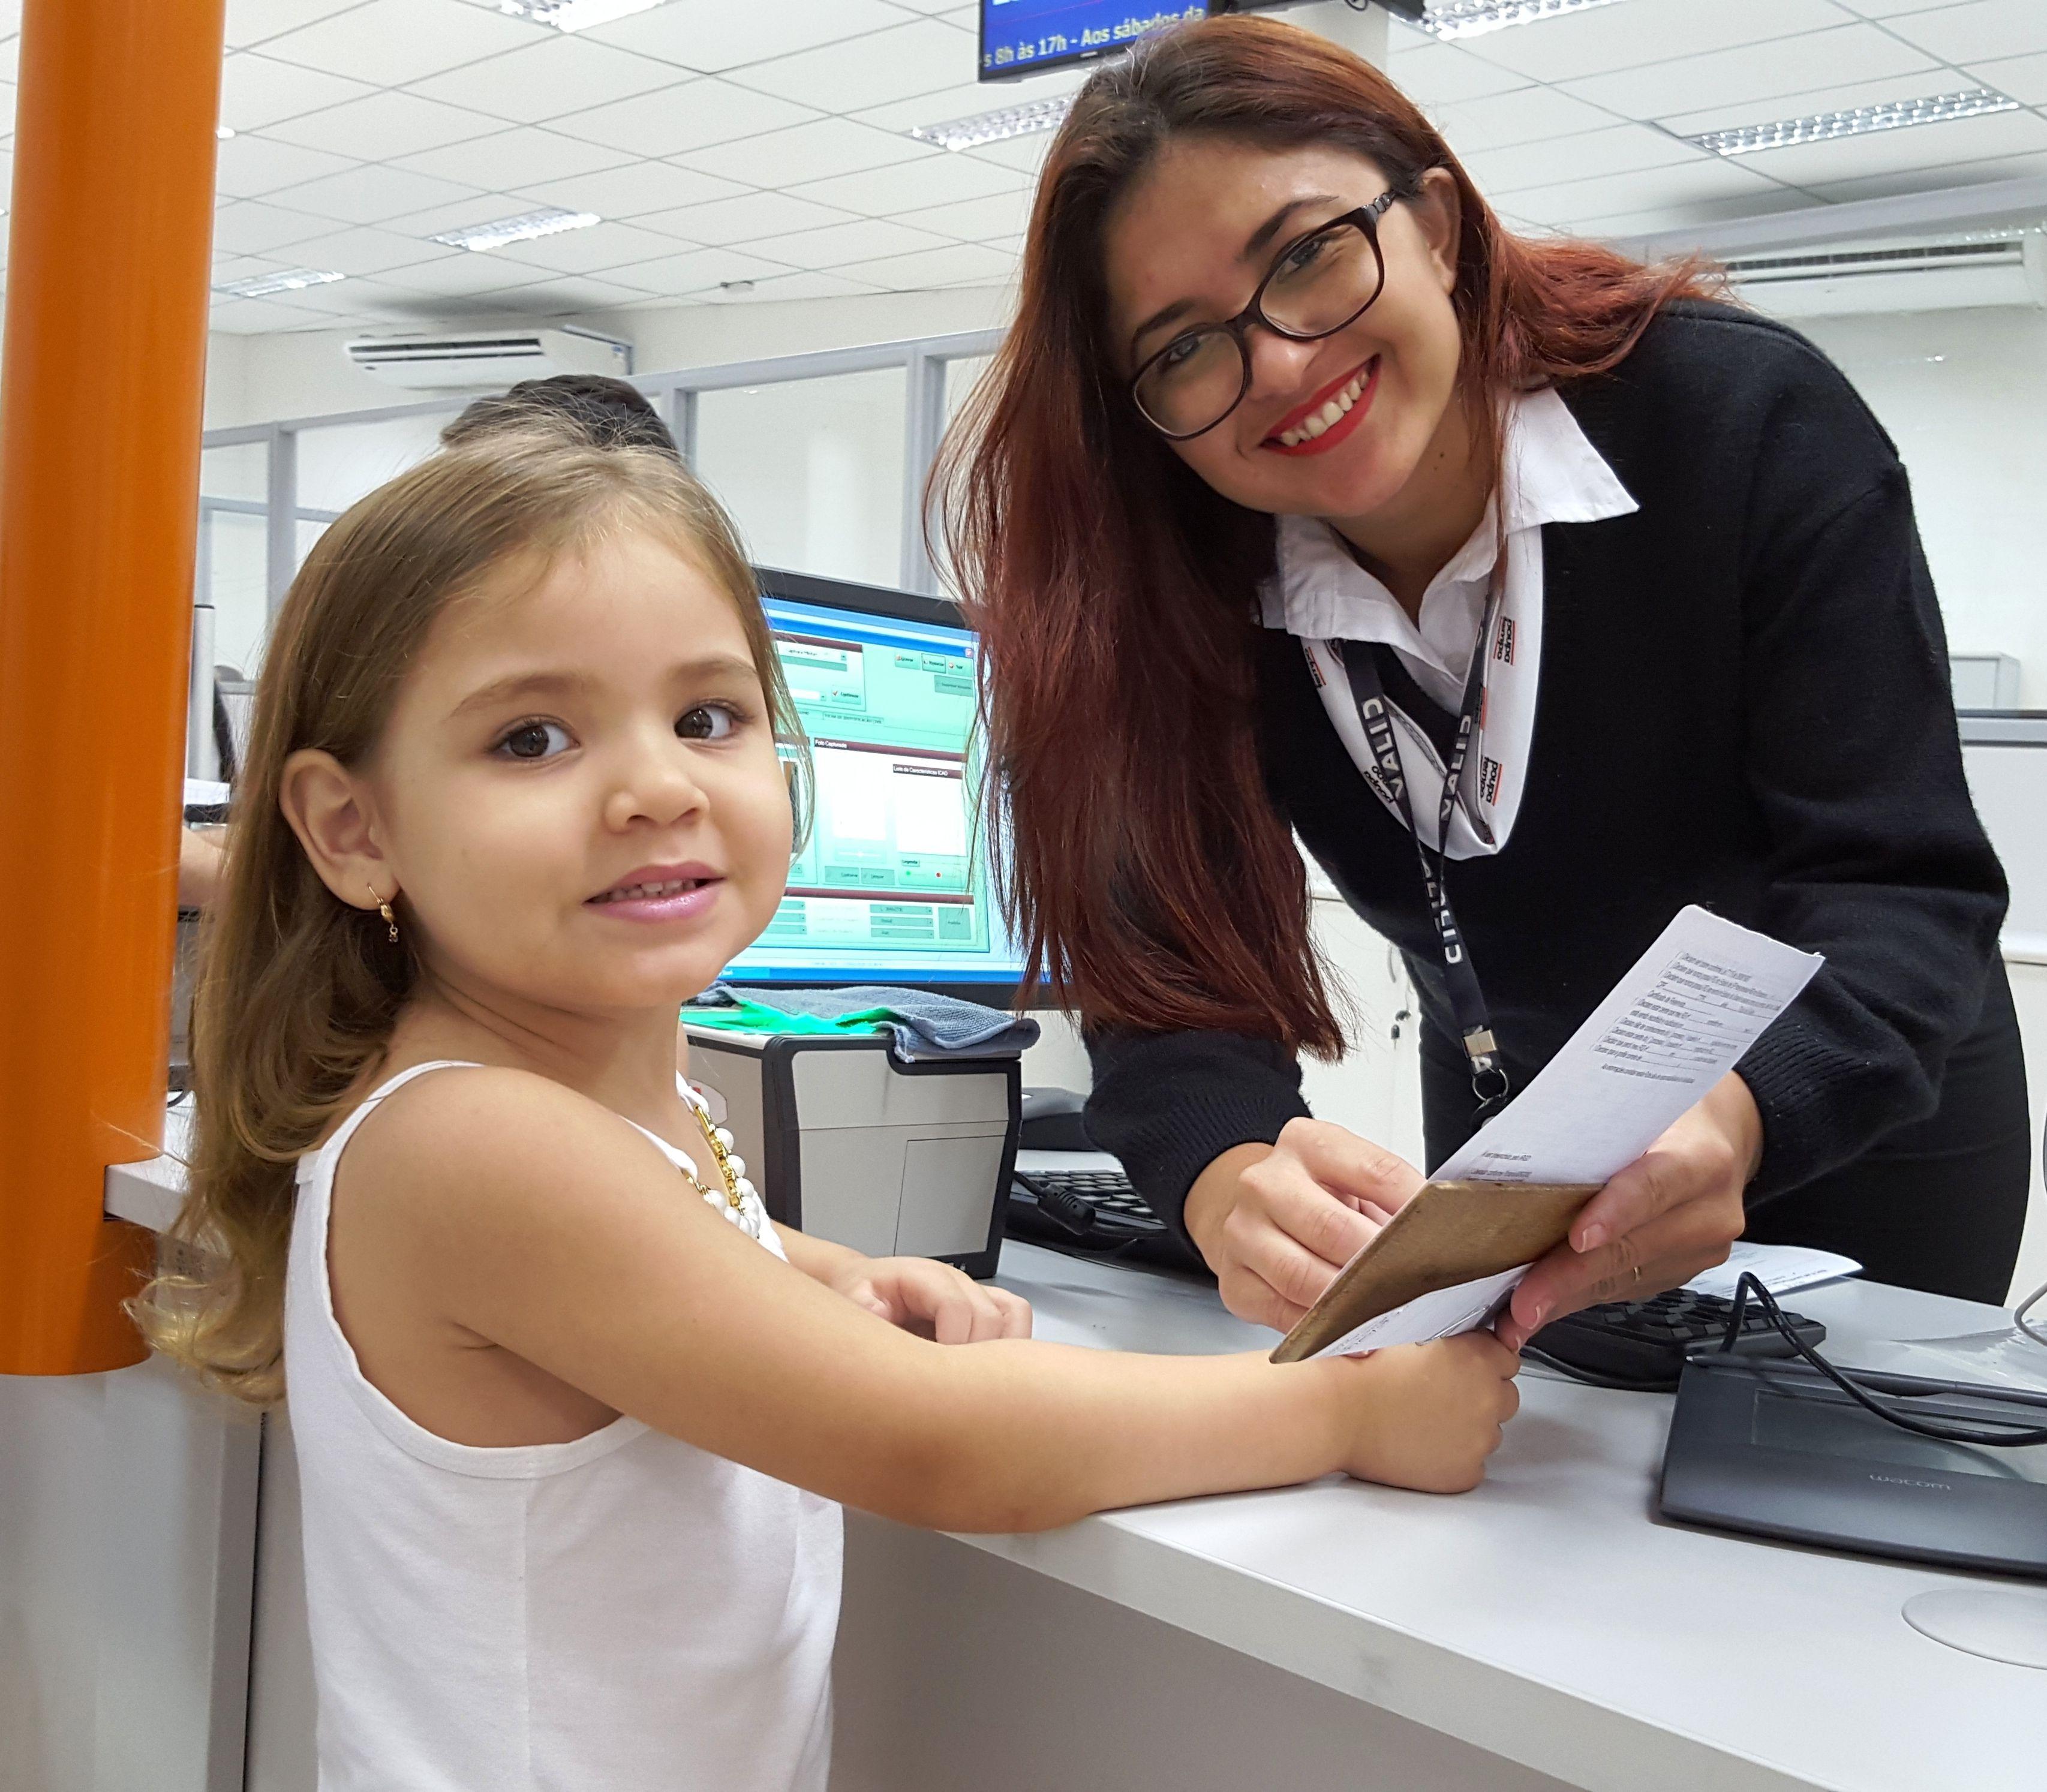 Sthefanie e Ricardo já levaram sua filha Julia para tirar o primeiro RG no Poupatempo Guarujá. Além de ser mais prático que a Certidão de Nascimento, o documento também deixa a criança mais segura.